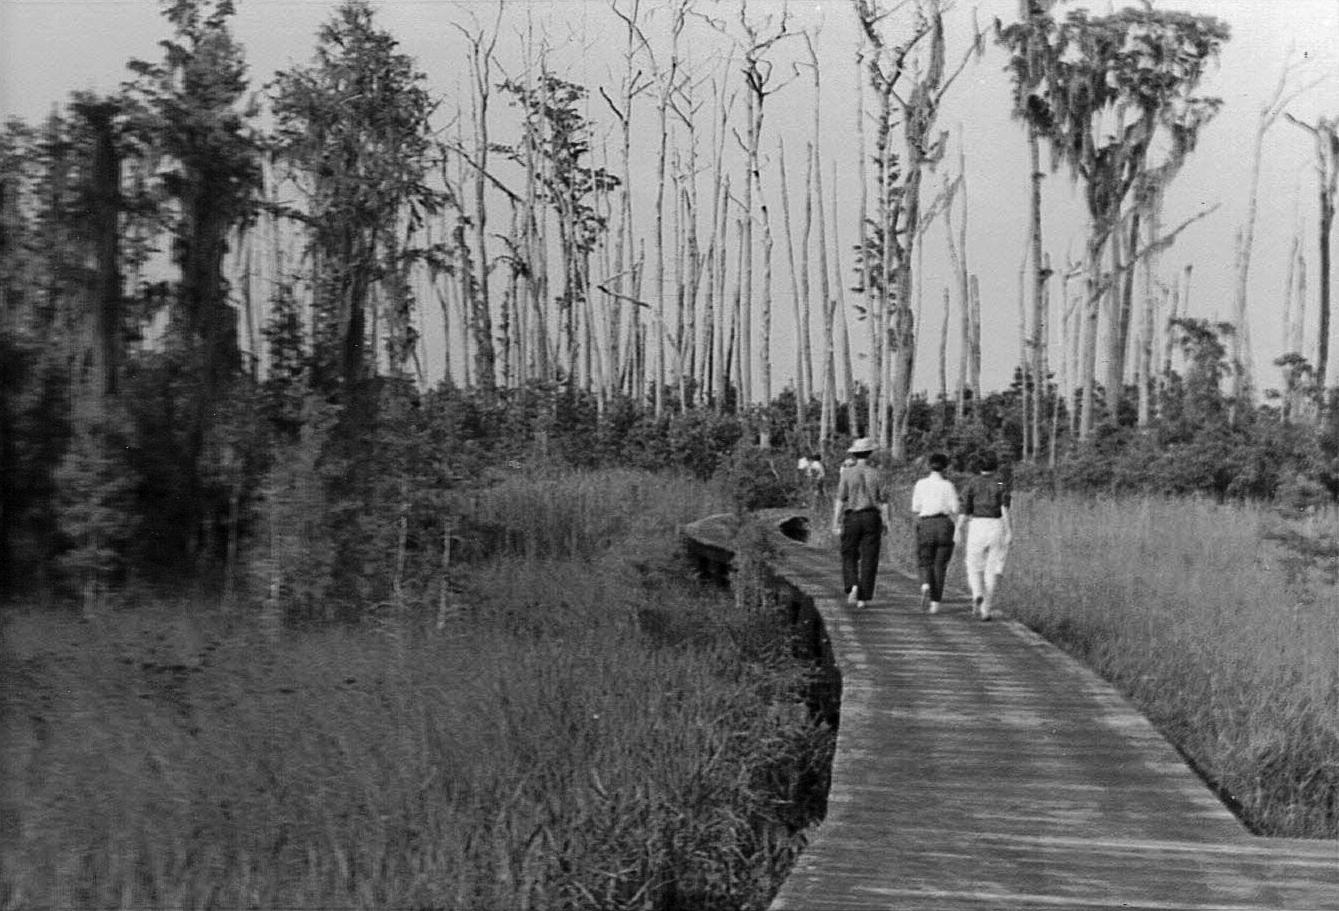 Boardwalk in 1969